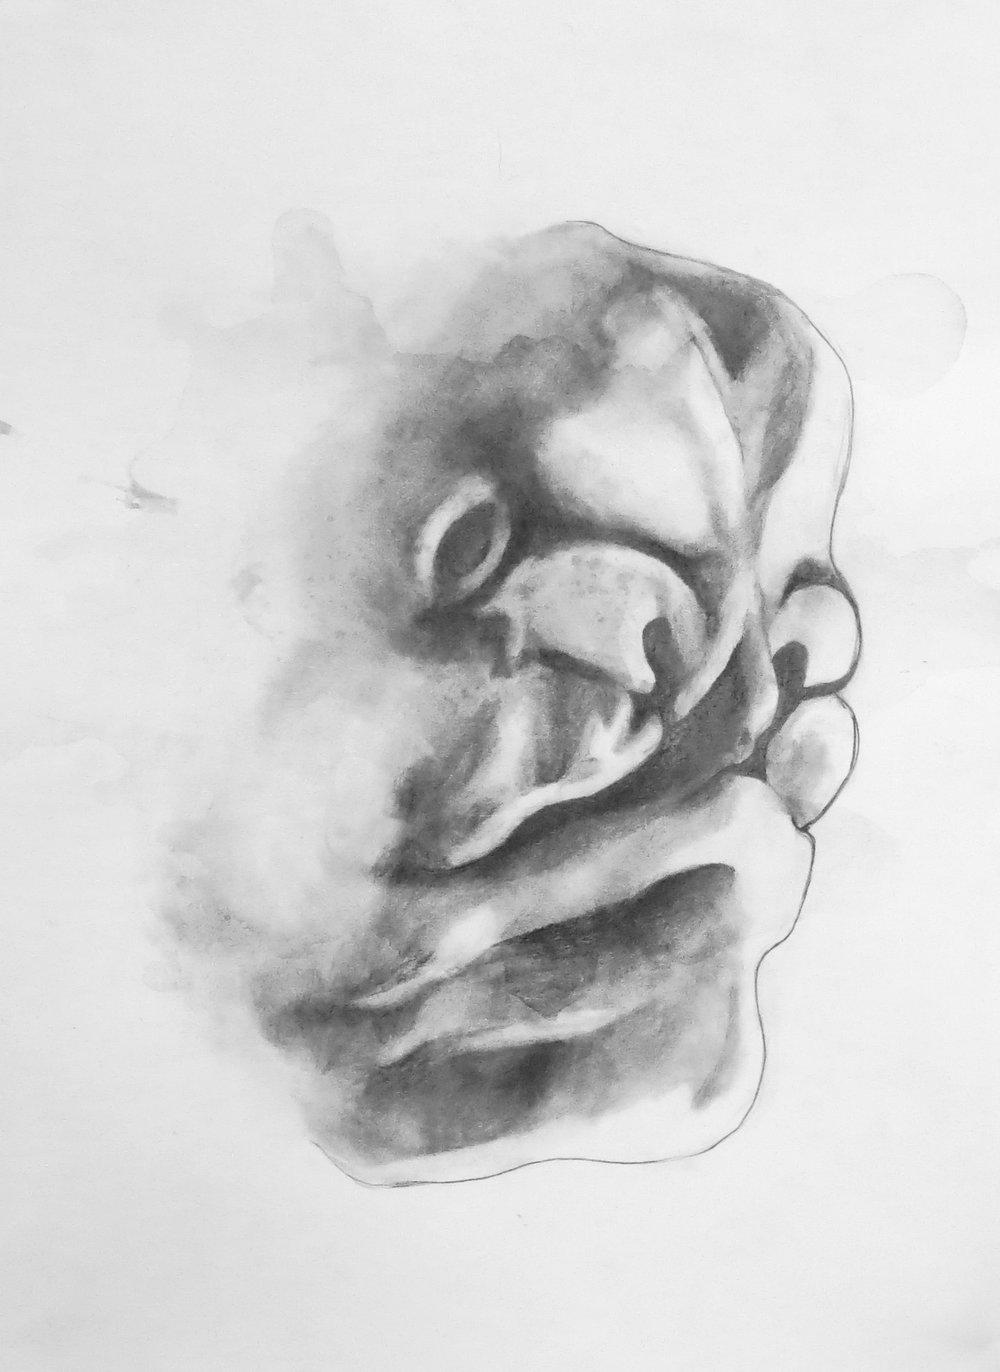 fetusface3.jpg